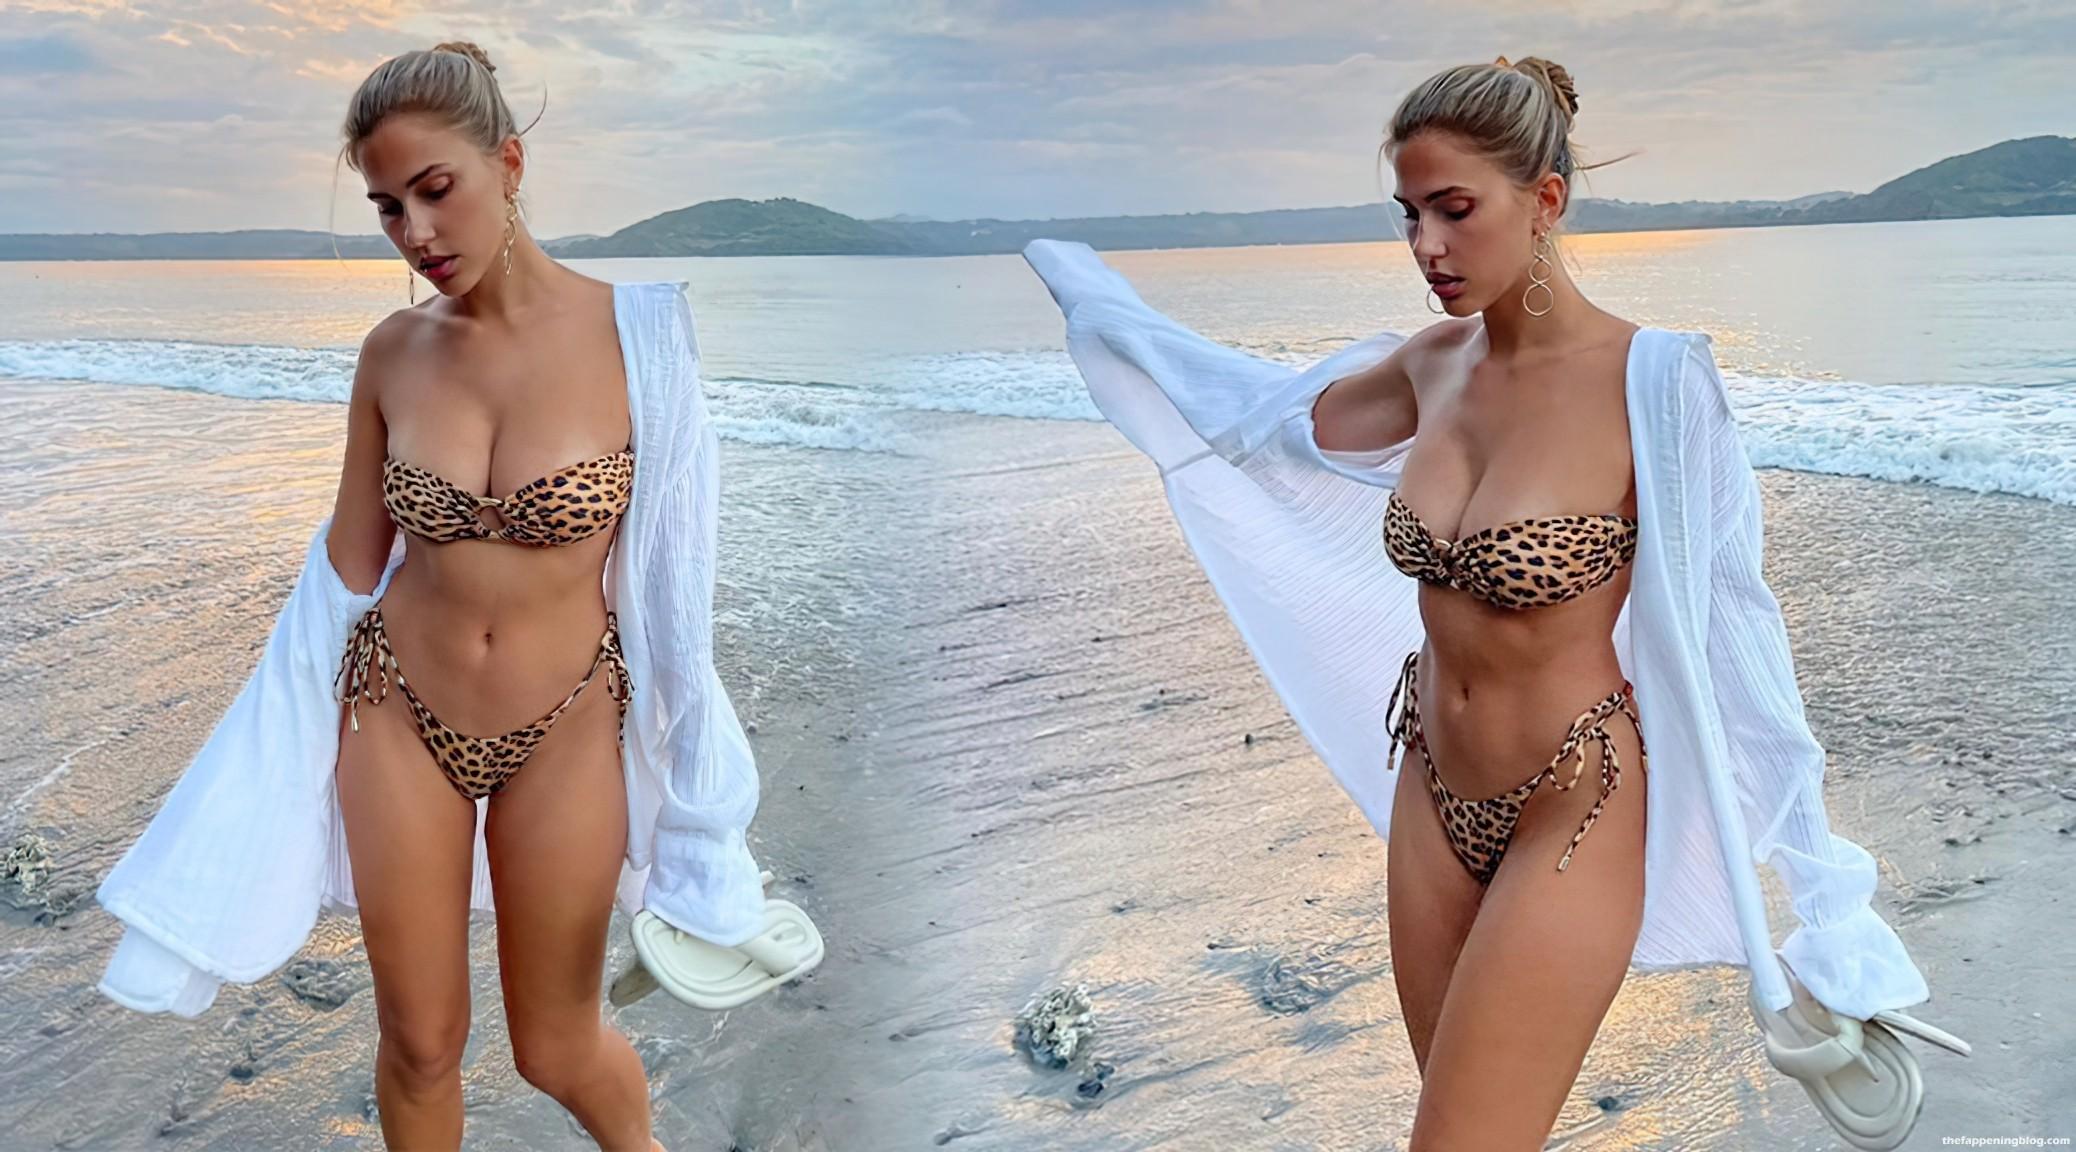 Kara-Del-Toro-Stunning-Body-and-Boobs-11-thefappeningblog.com_.jpg